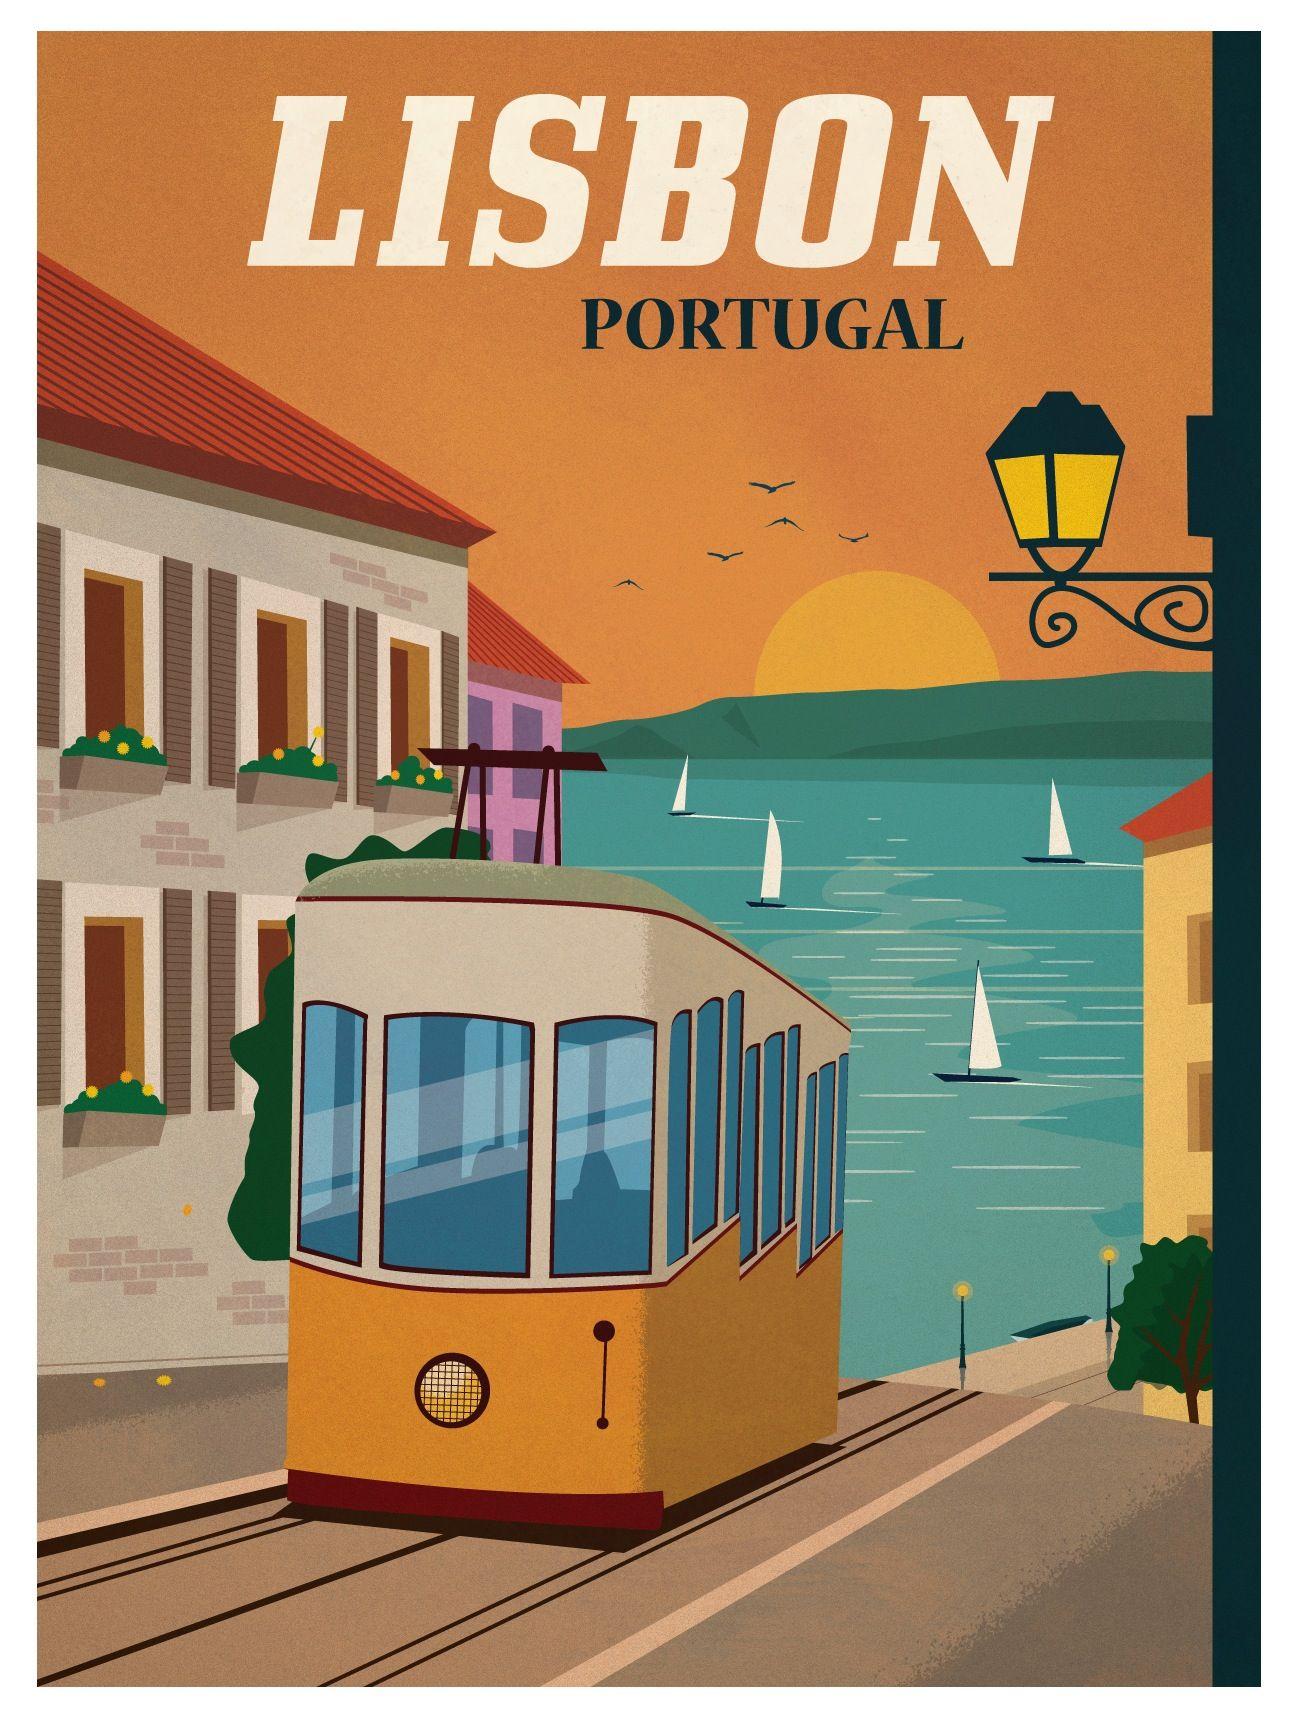 Vintage Lisbon Poster Vintage Travel Posters Travel Posters Travel Prints